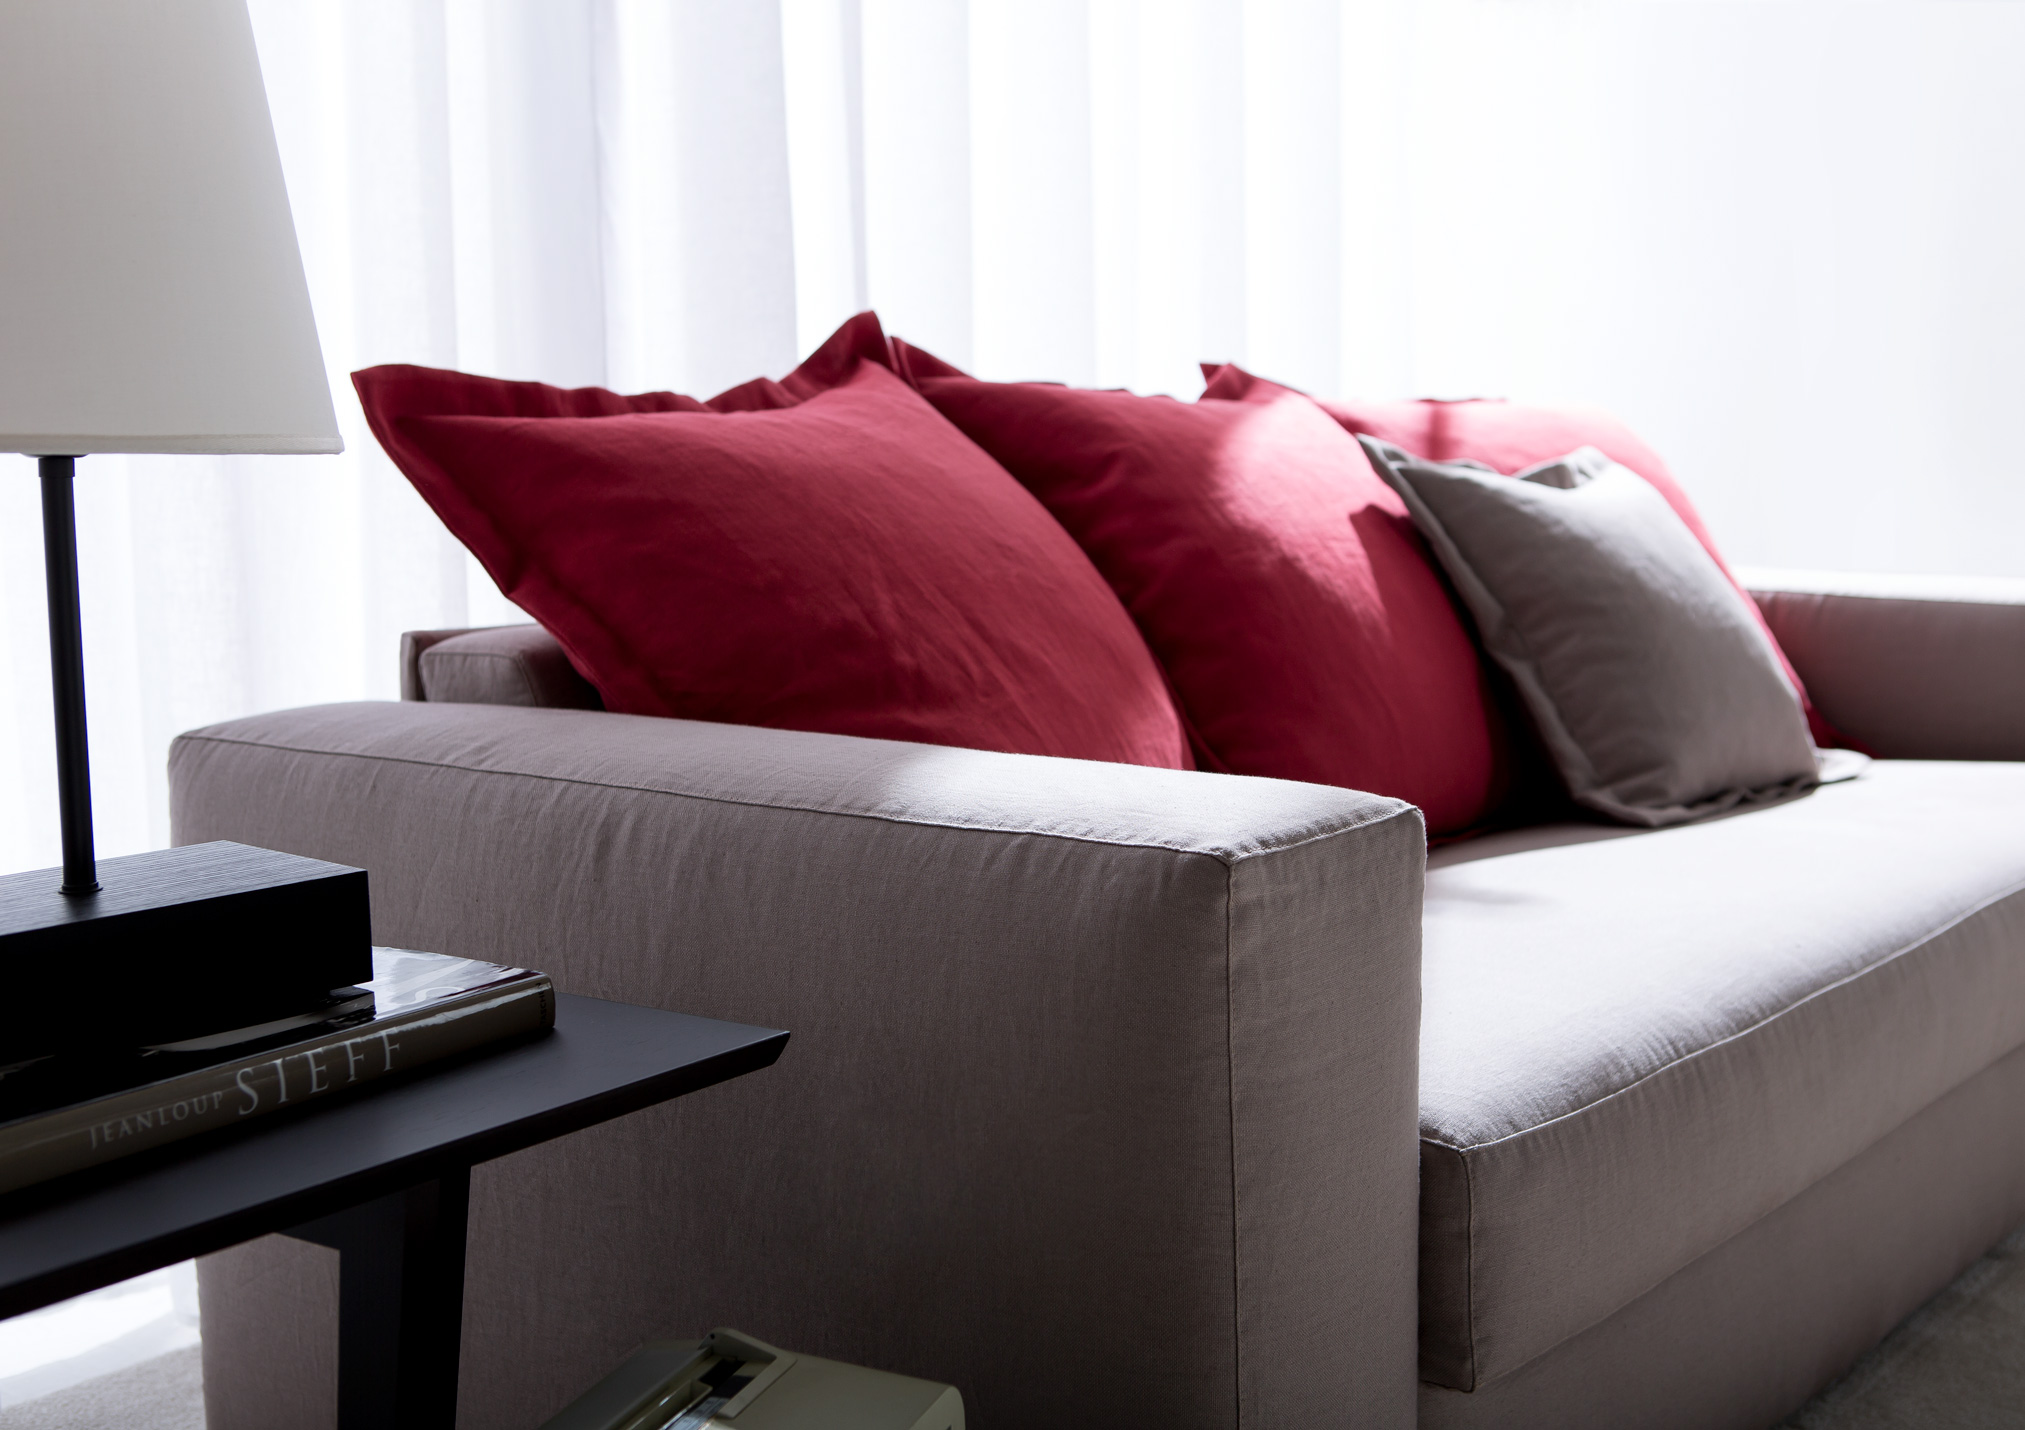 passepartout canapè-lit